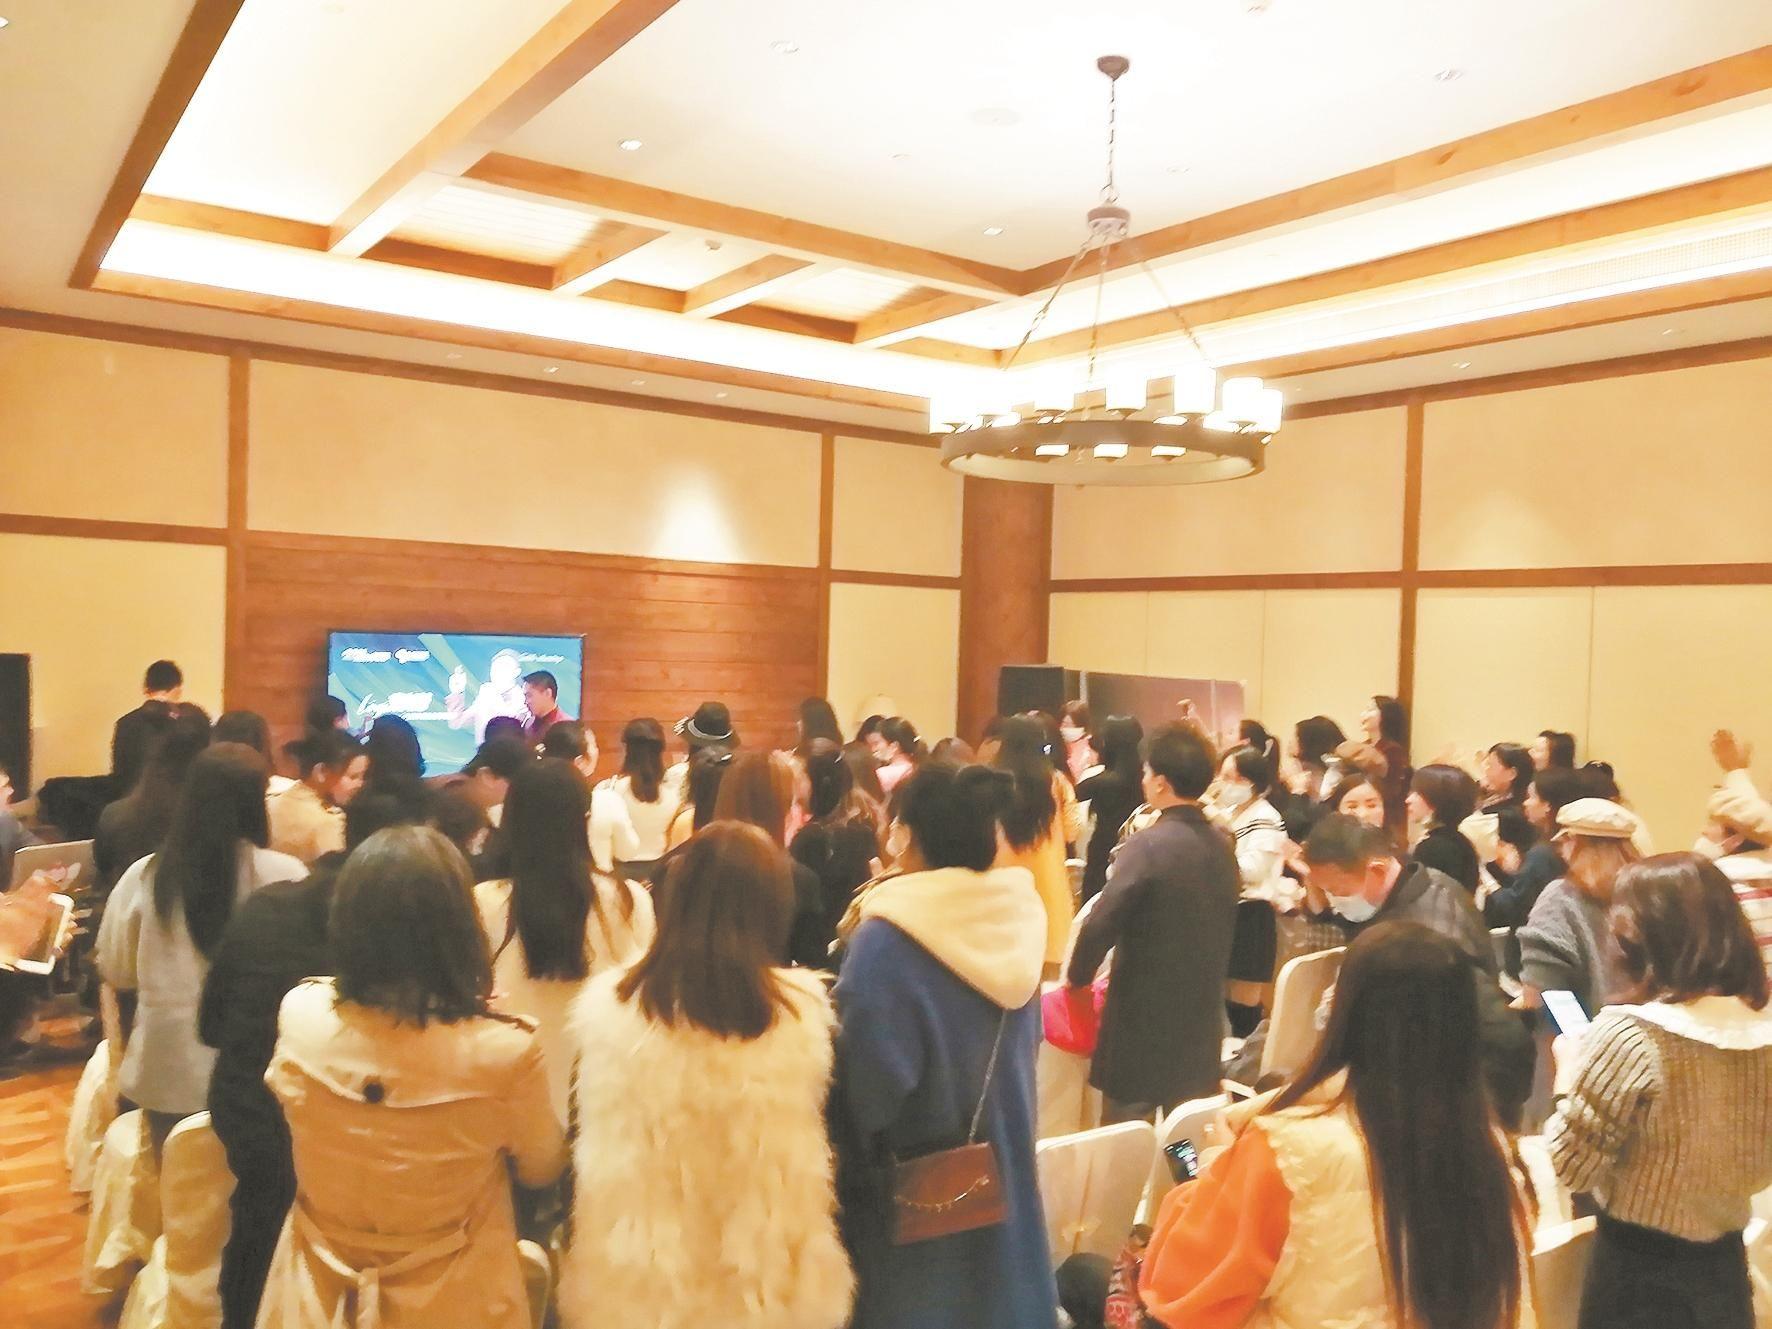 60人聚集酒店房间注射美容产品 监管部门已查获产品